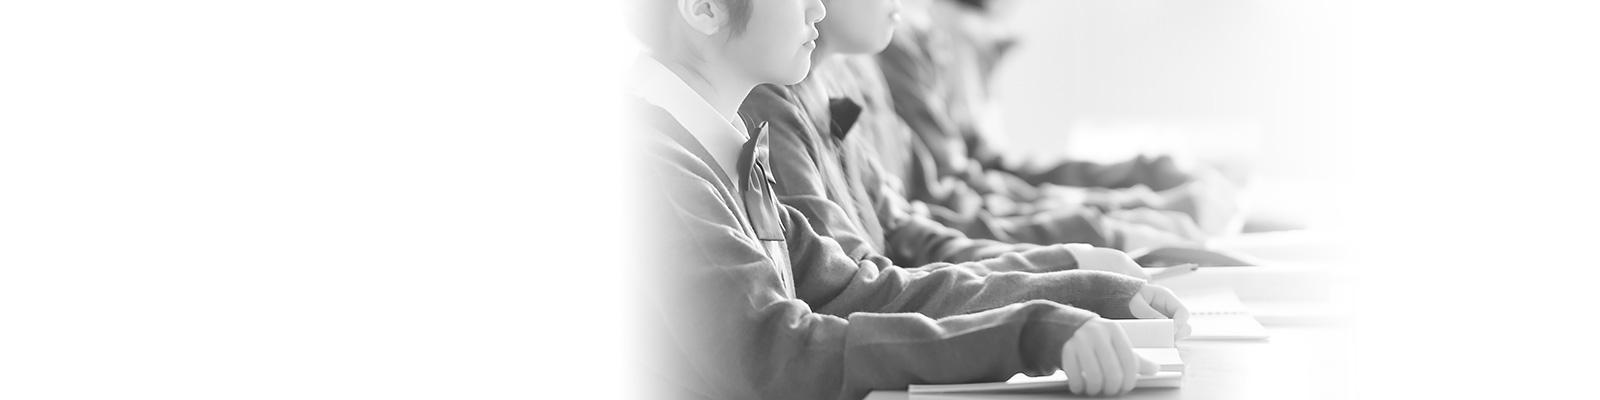 学生 教育 画一性 イメージ